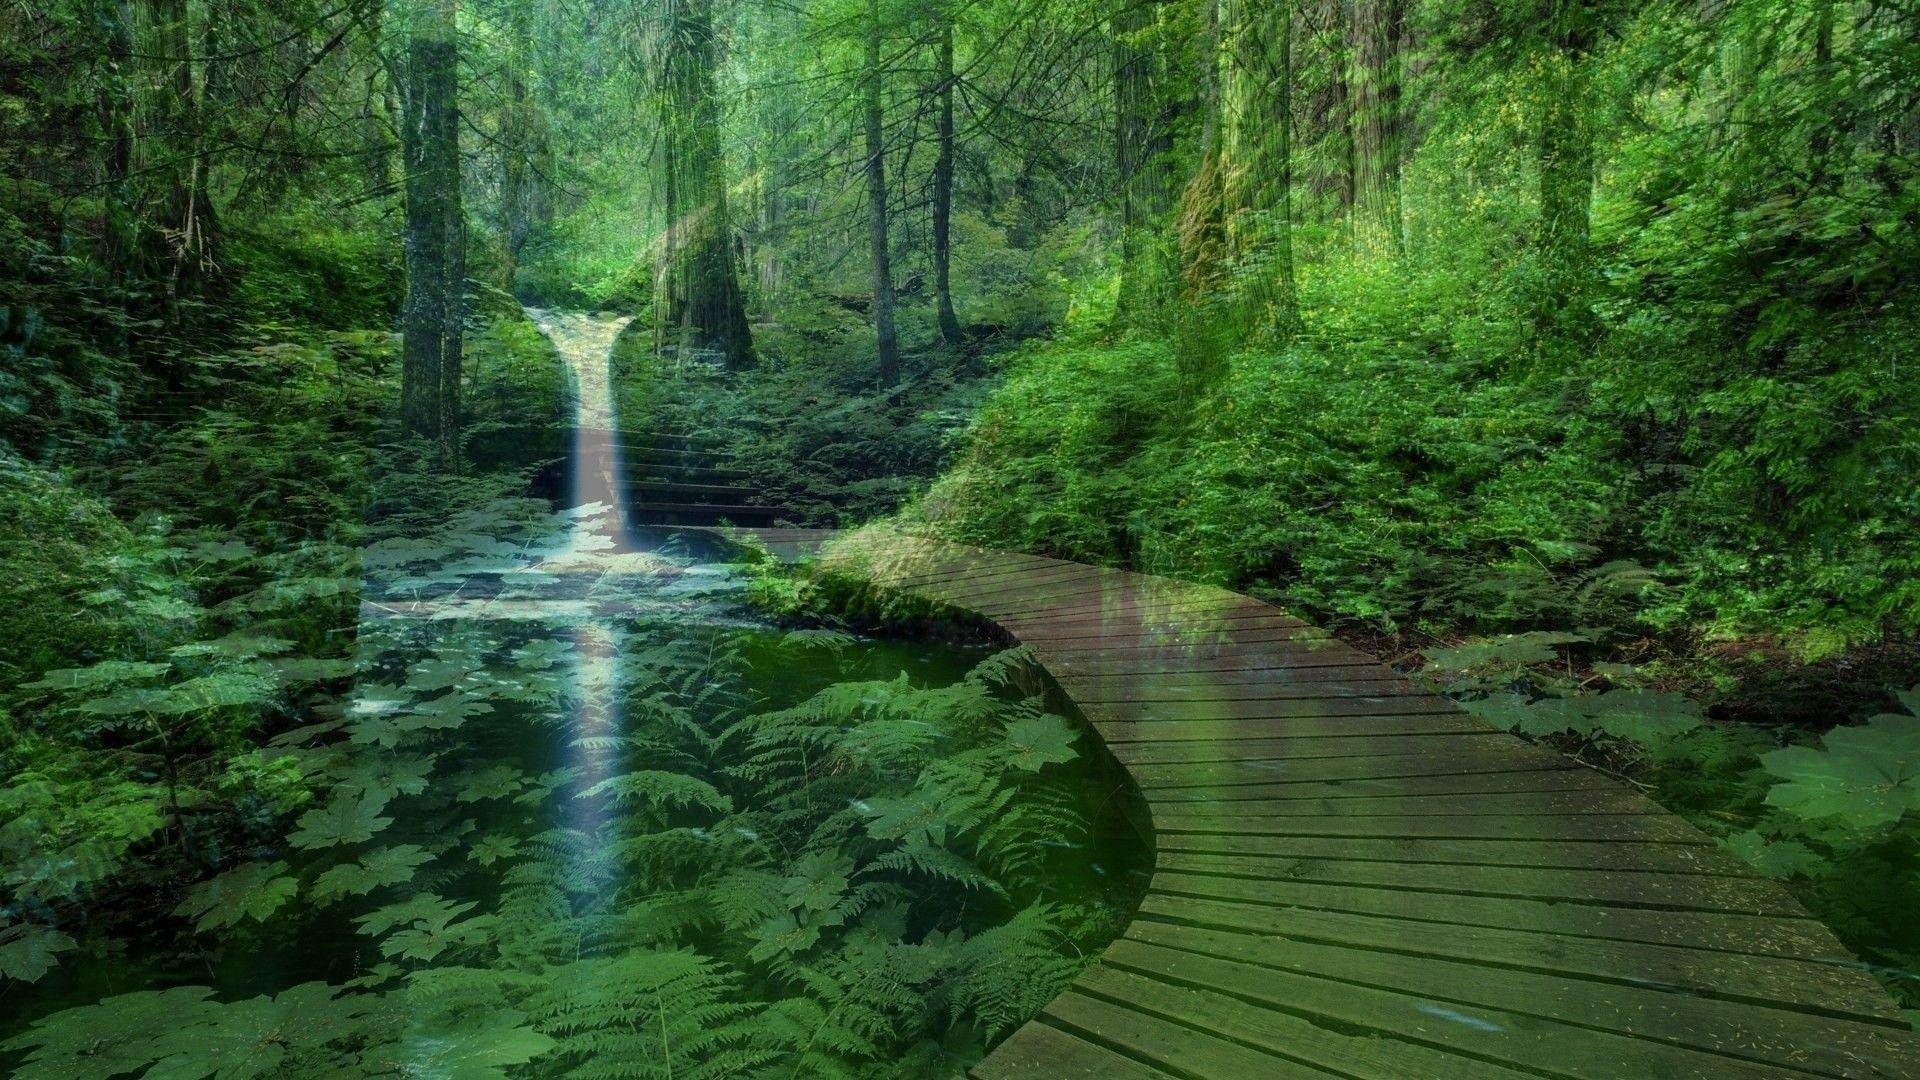 Resultado de imagem para zen nature images